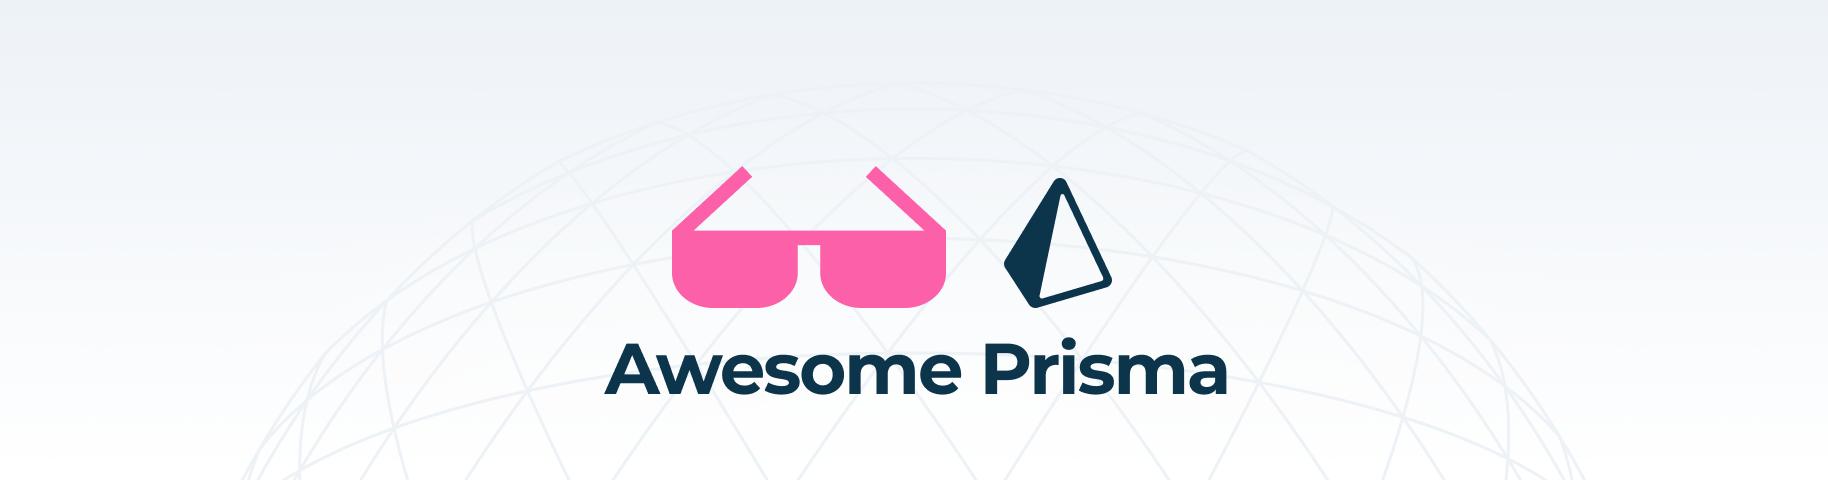 Awesome Prisma